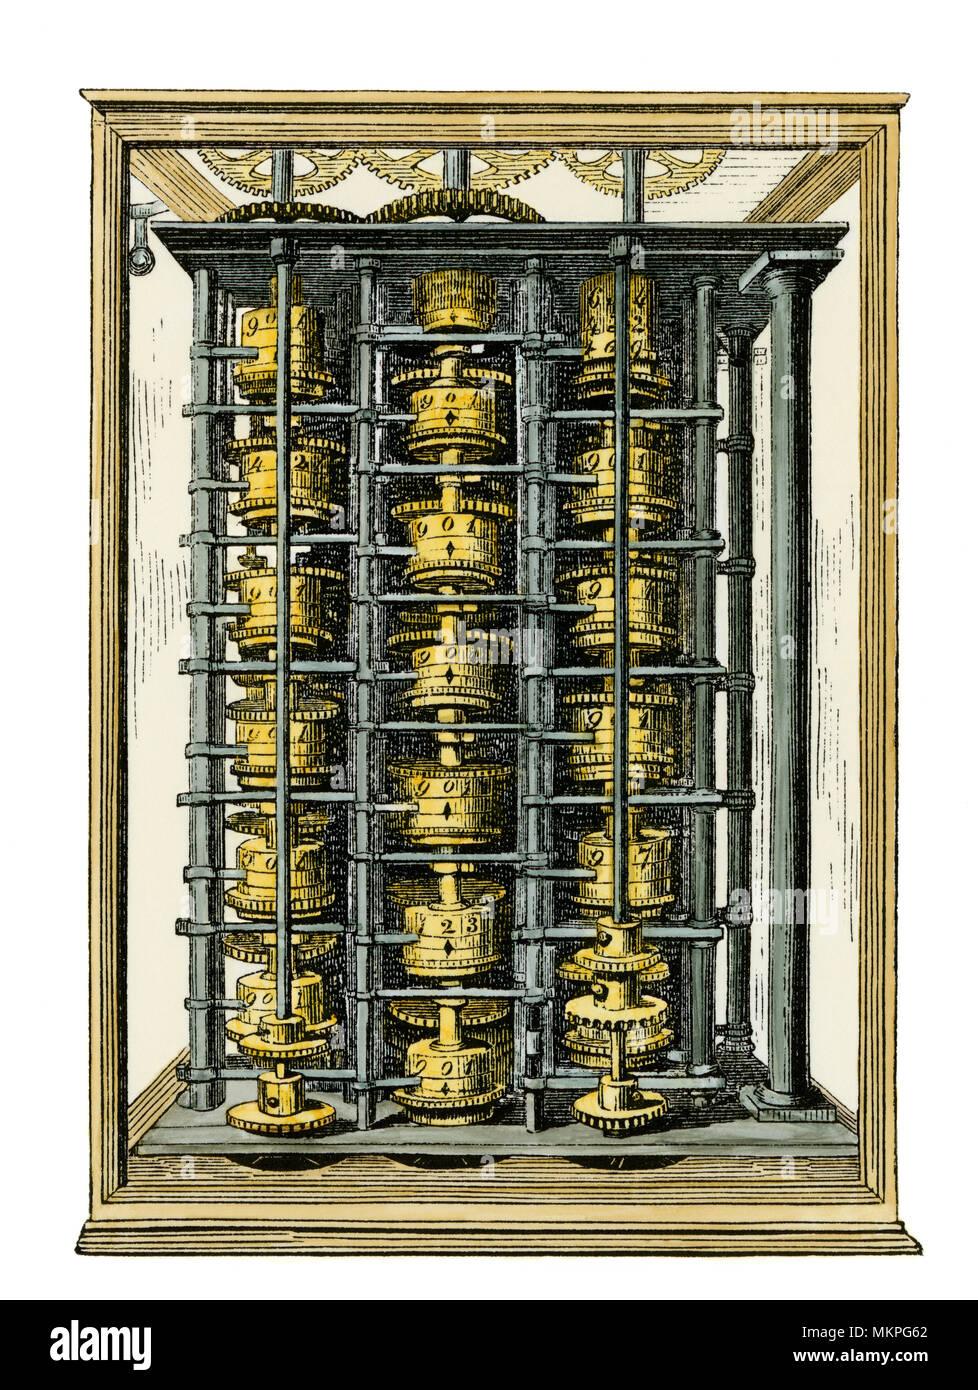 Charles Babbage la macchina per calcolare la differenza motore,' 1800s. Colorate a mano la xilografia di illustrazione. Immagini Stock